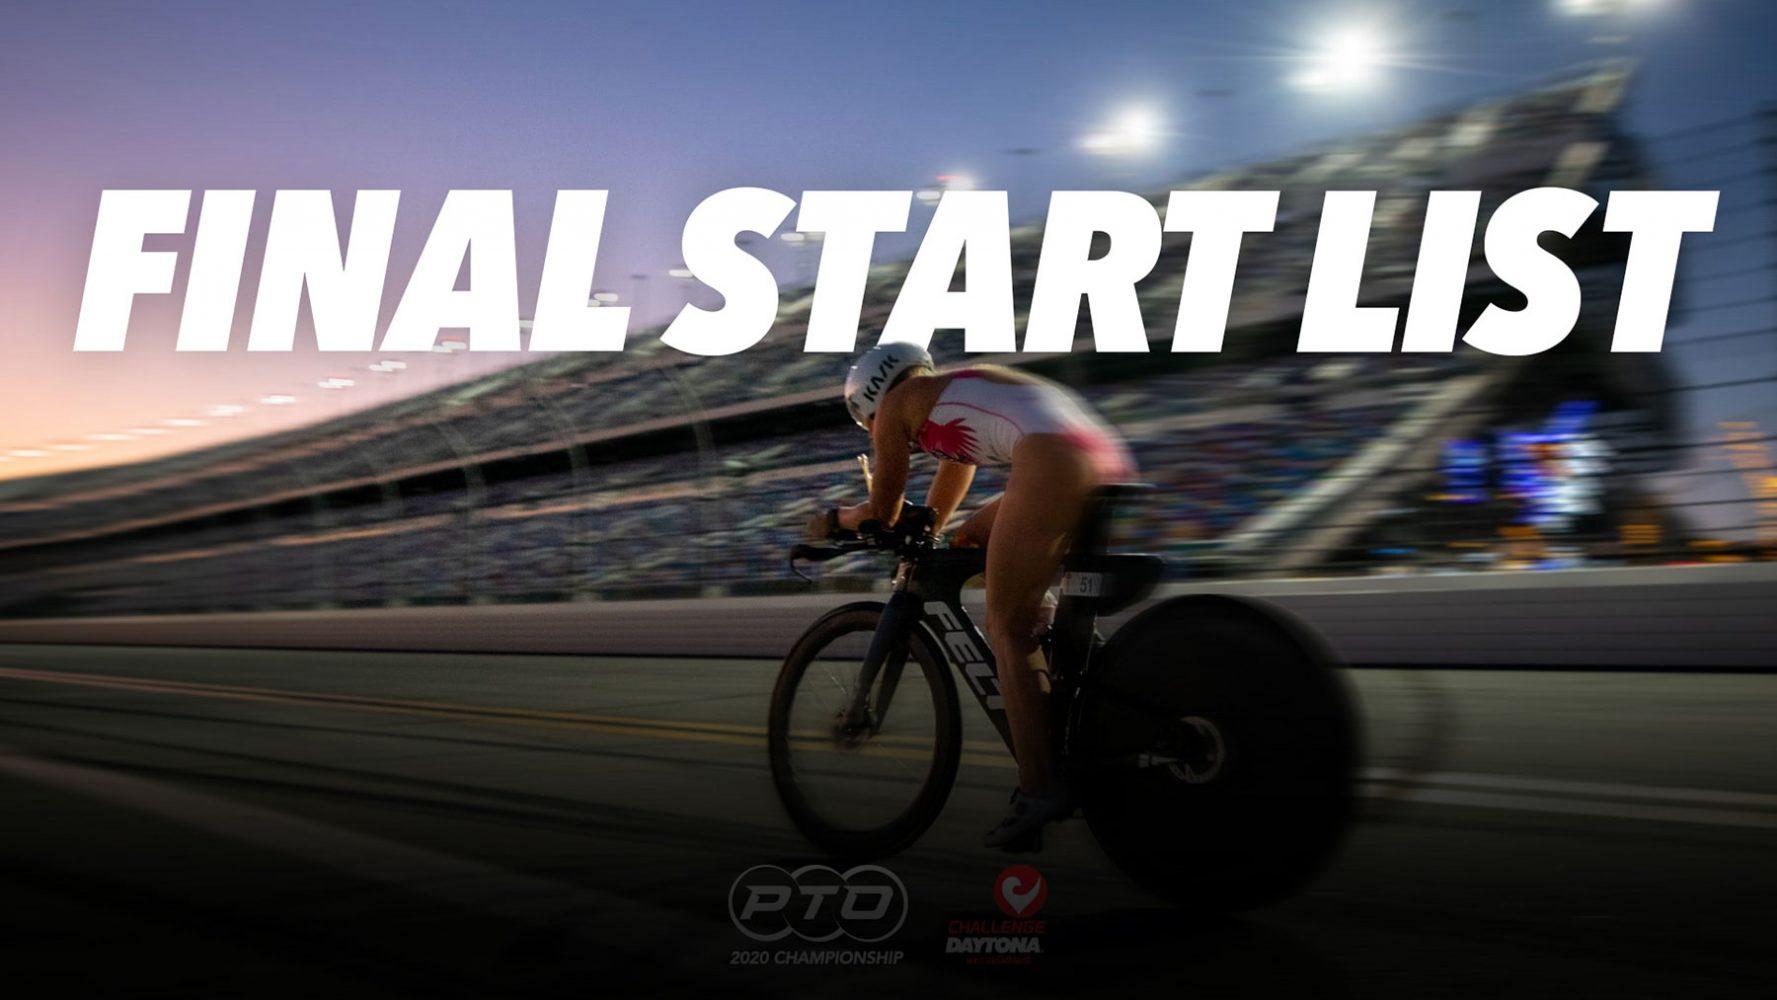 PTO 2020 Championship Start List